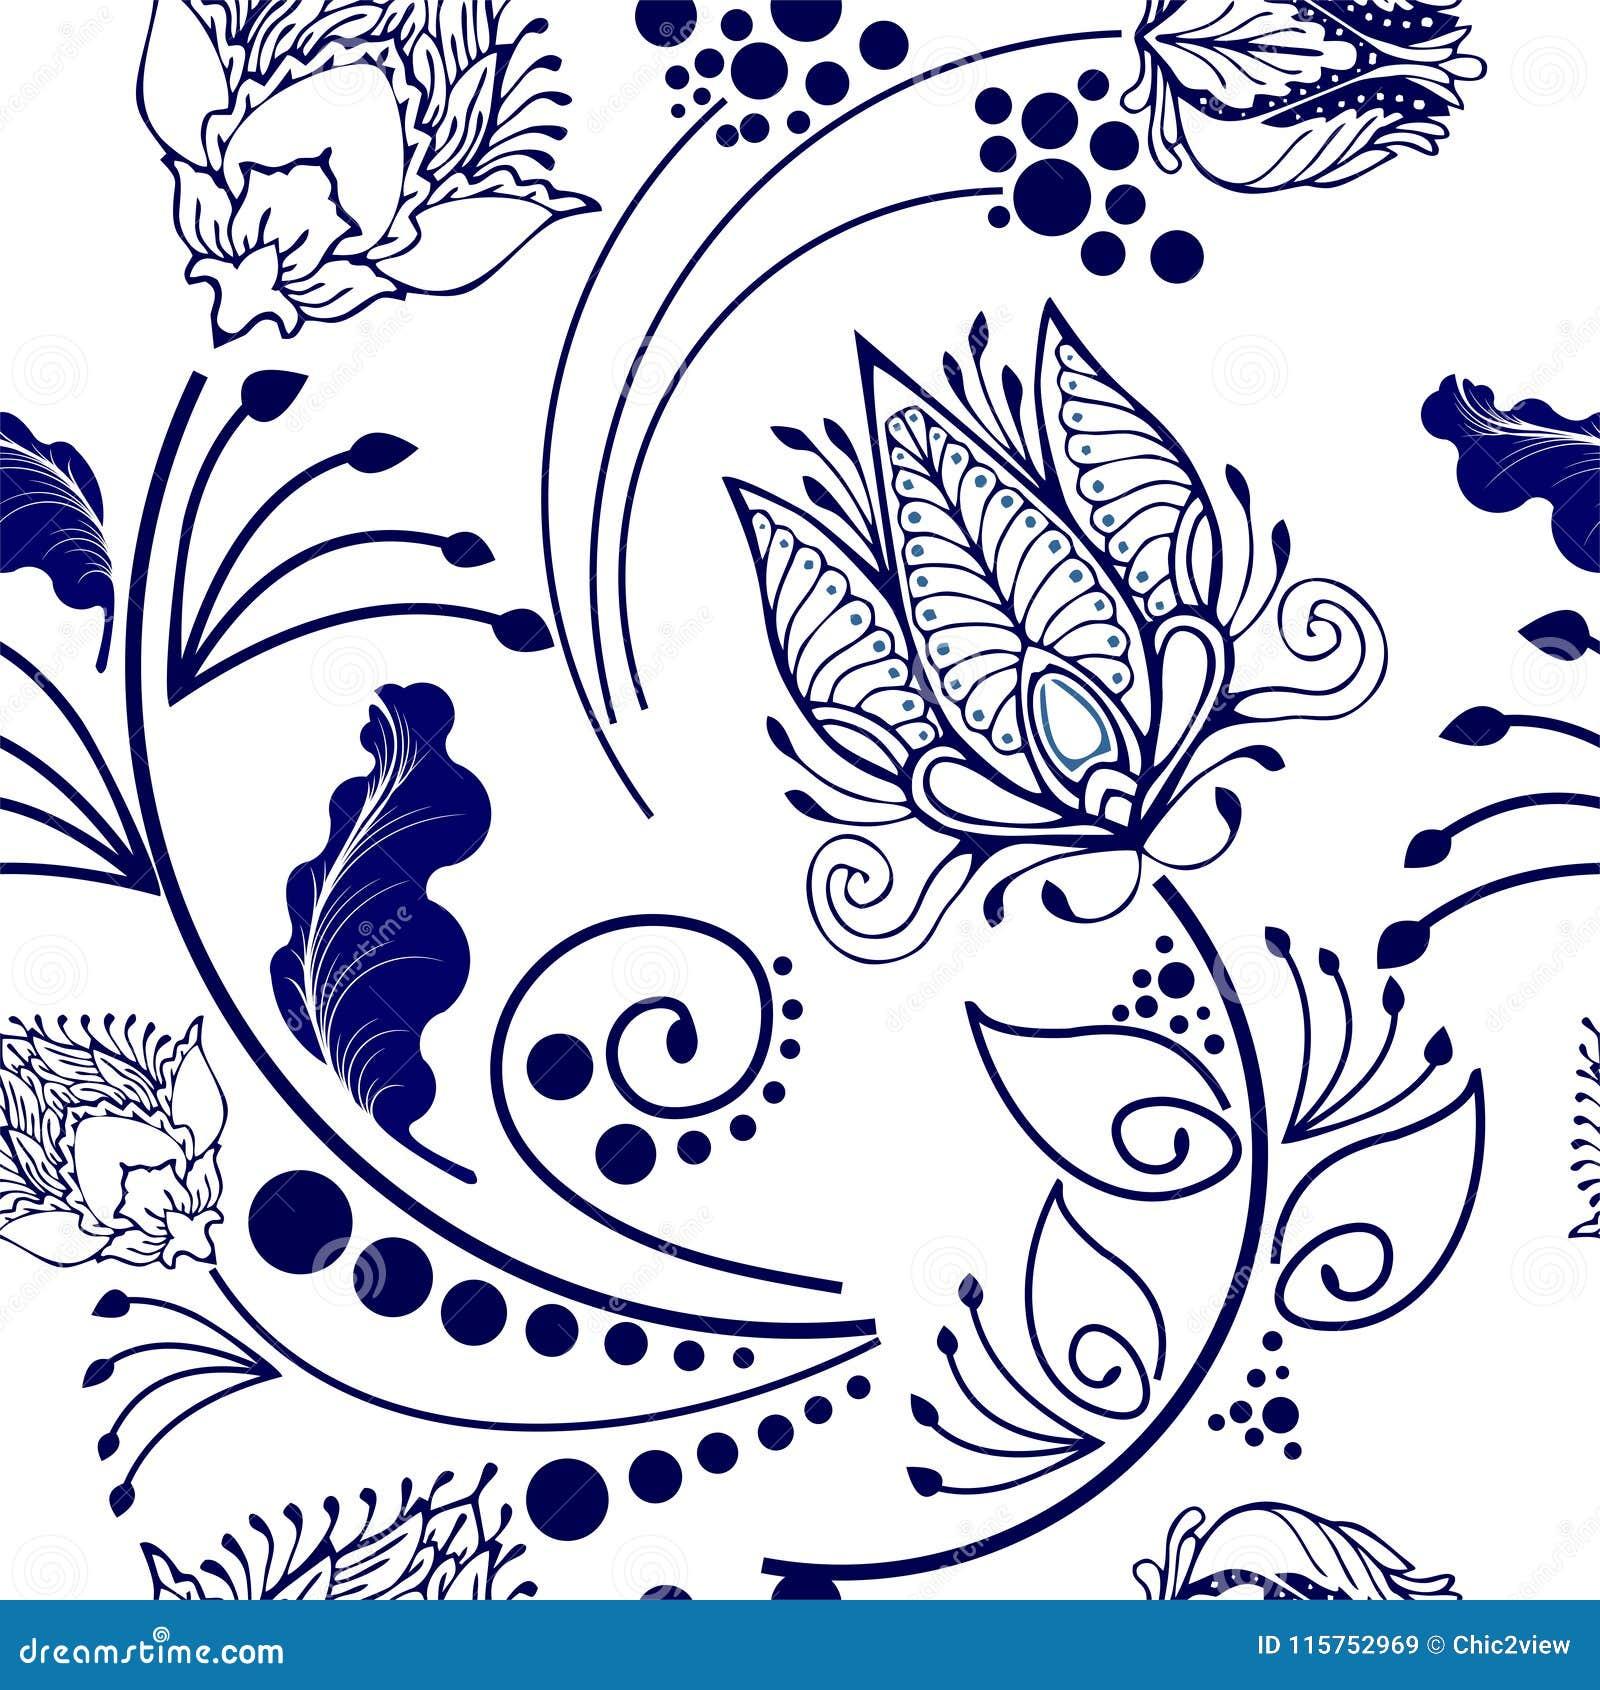 Oosters Chinees botanisch bloem grafisch ontwerp voor motief in het naadloze patroon van de Porseleinstijl